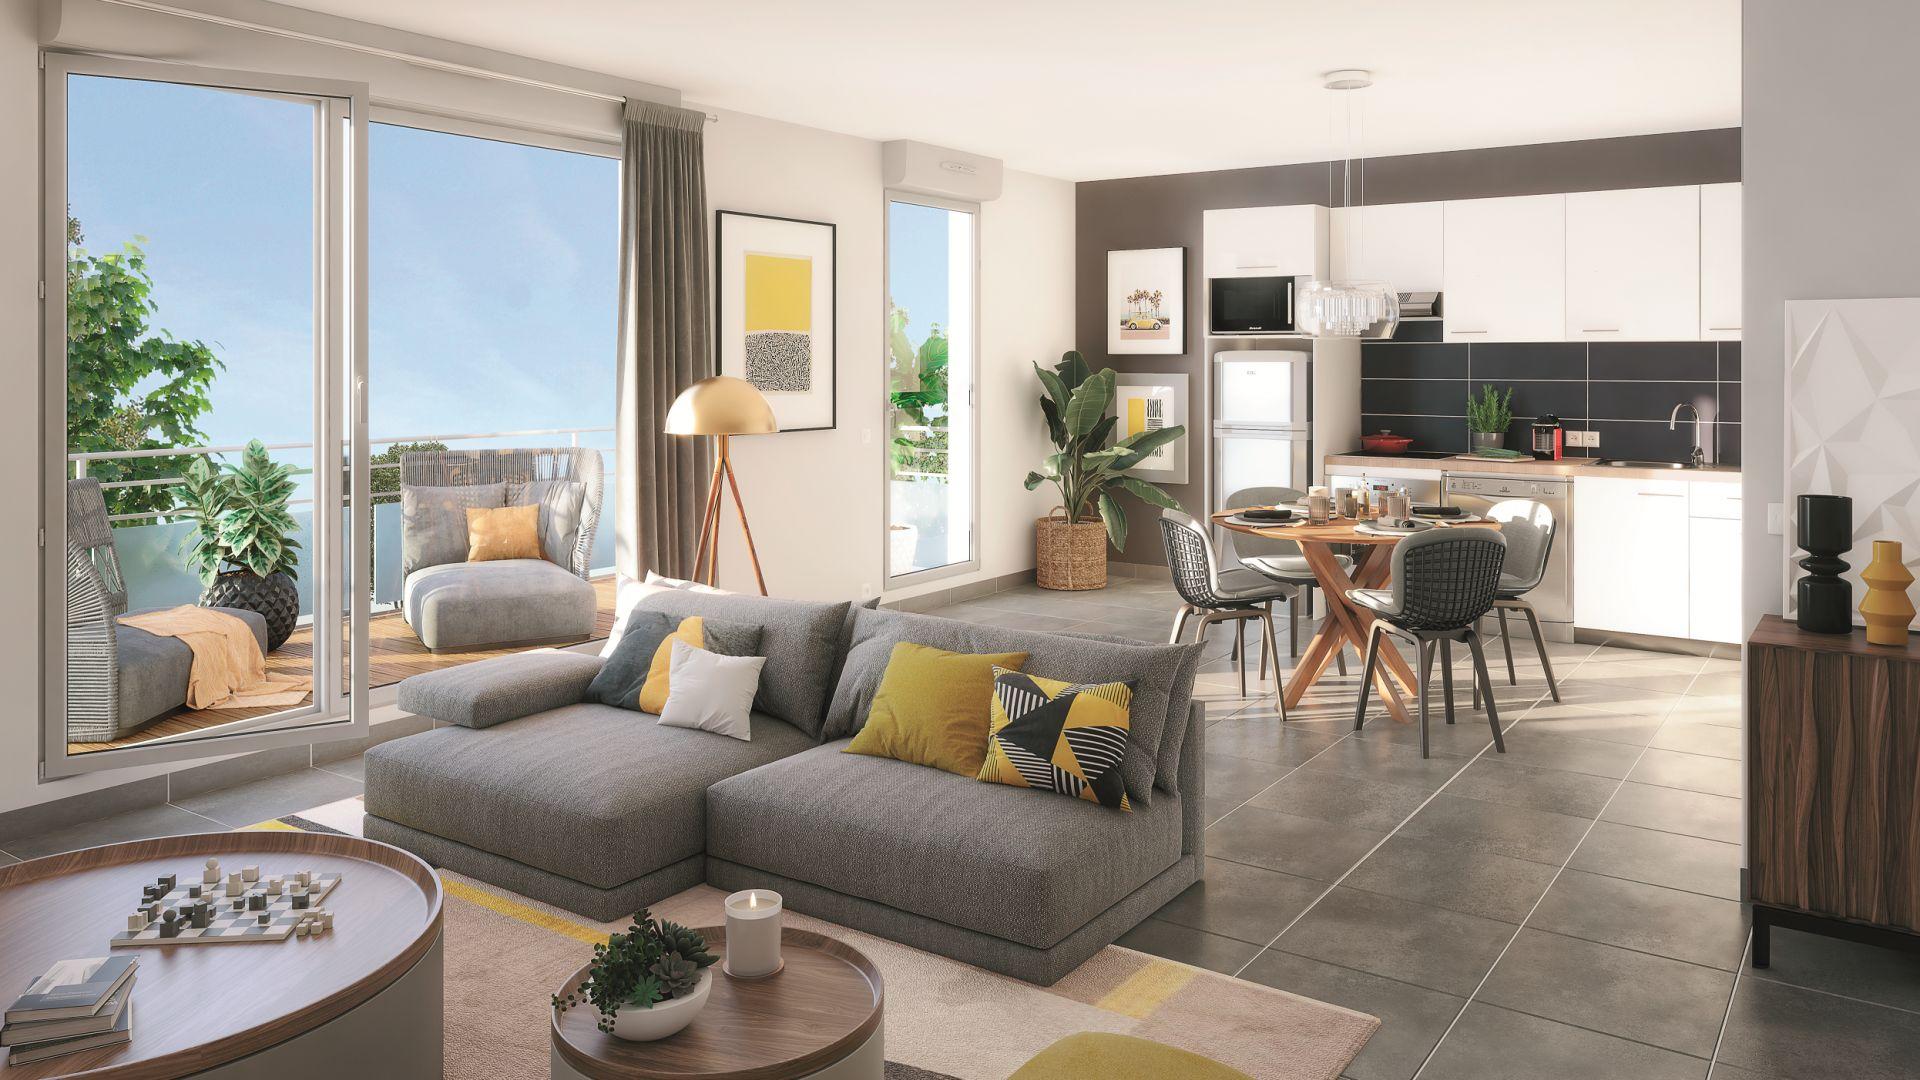 Greencity Immobilier - Hameau Dhuoda - achat appartements neufs du T2 au T3 - 31100 Toulouse Saint-Simon - vue intérieure